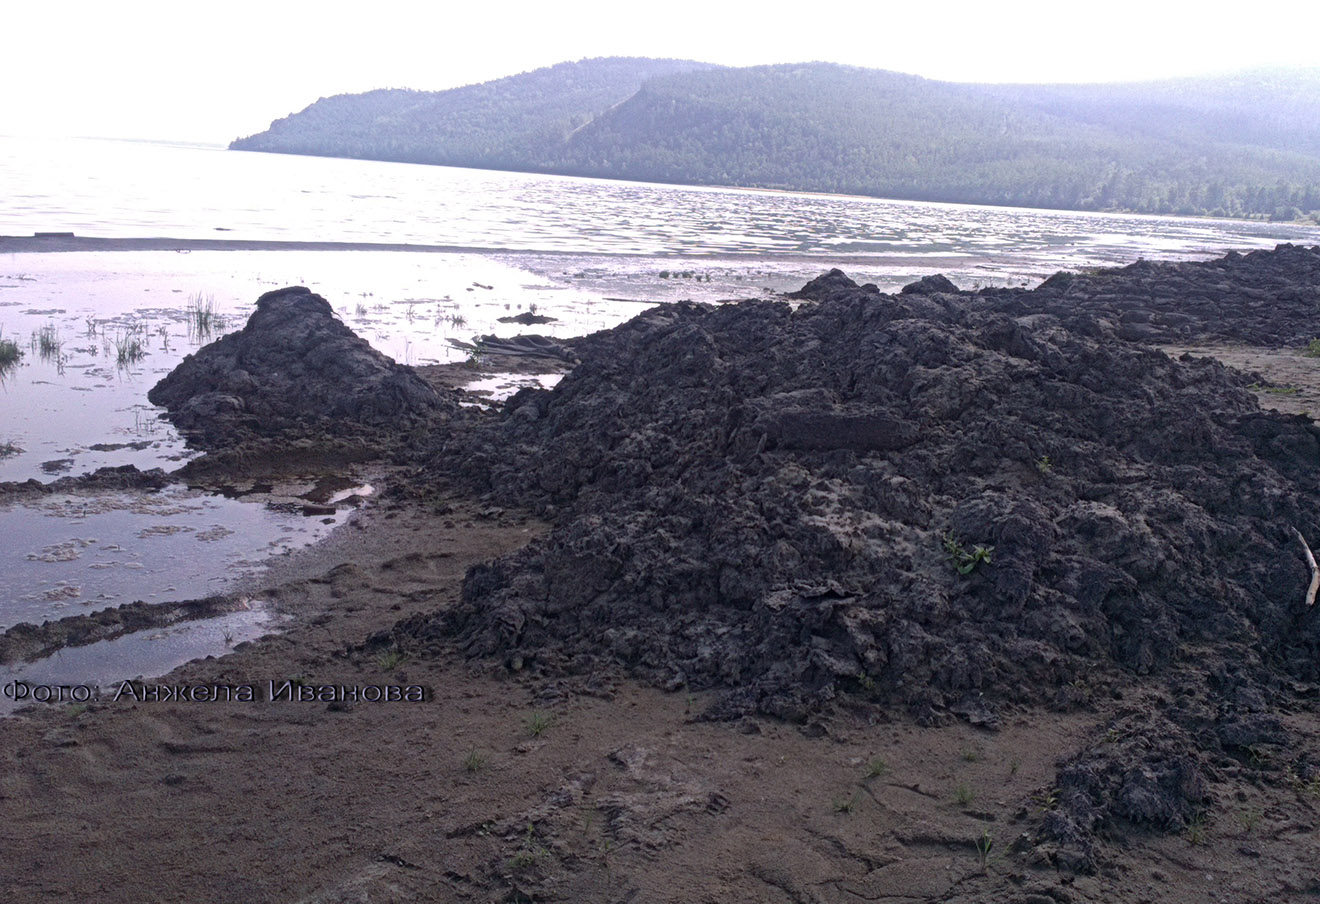 Кучи гниющих водорослей на берегу бухты Сеногда. Фото: Анжела Иванова